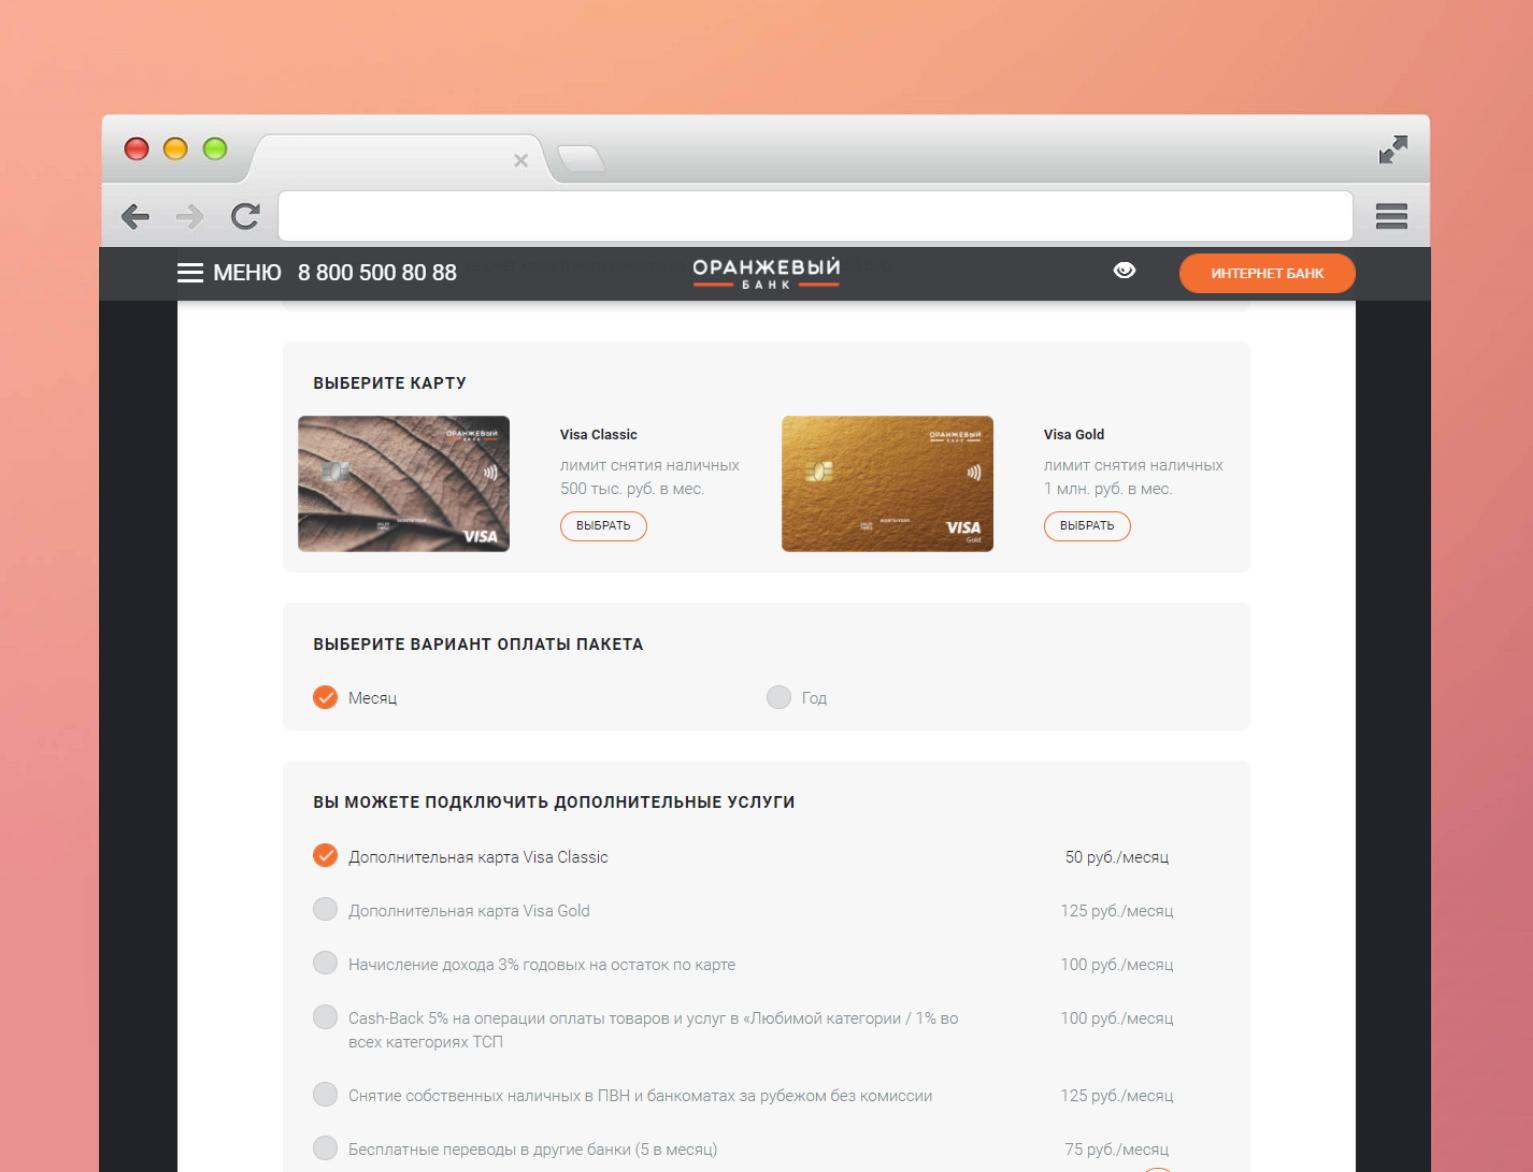 банк оранжевый внутренние страницы